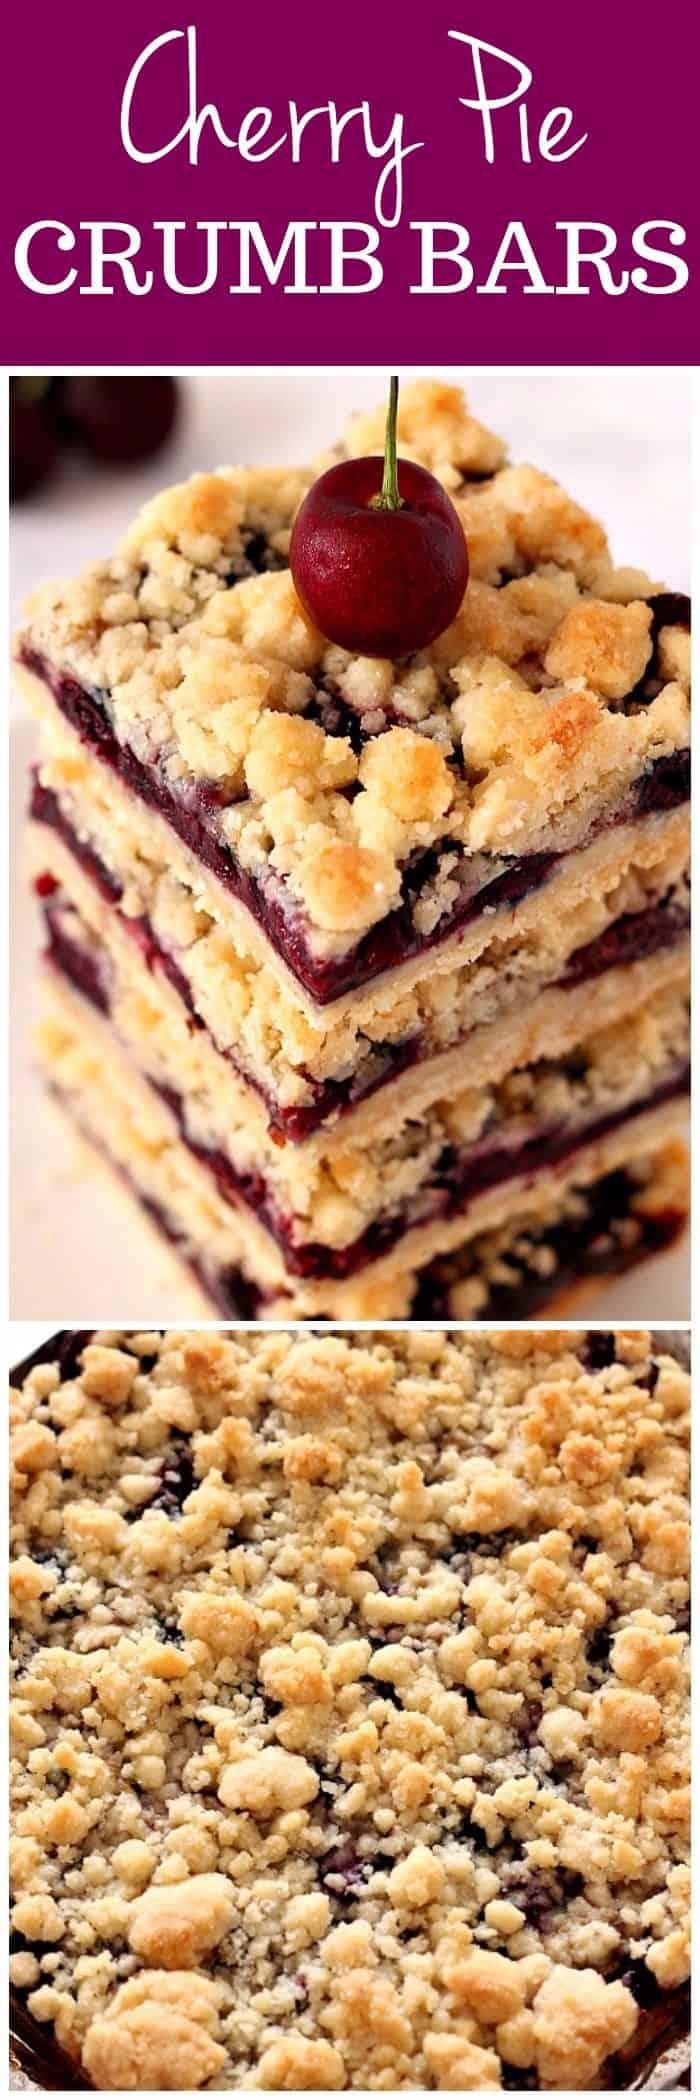 cherry pie bars recipe long1 Cherry Pie Crumb Bars Recipe